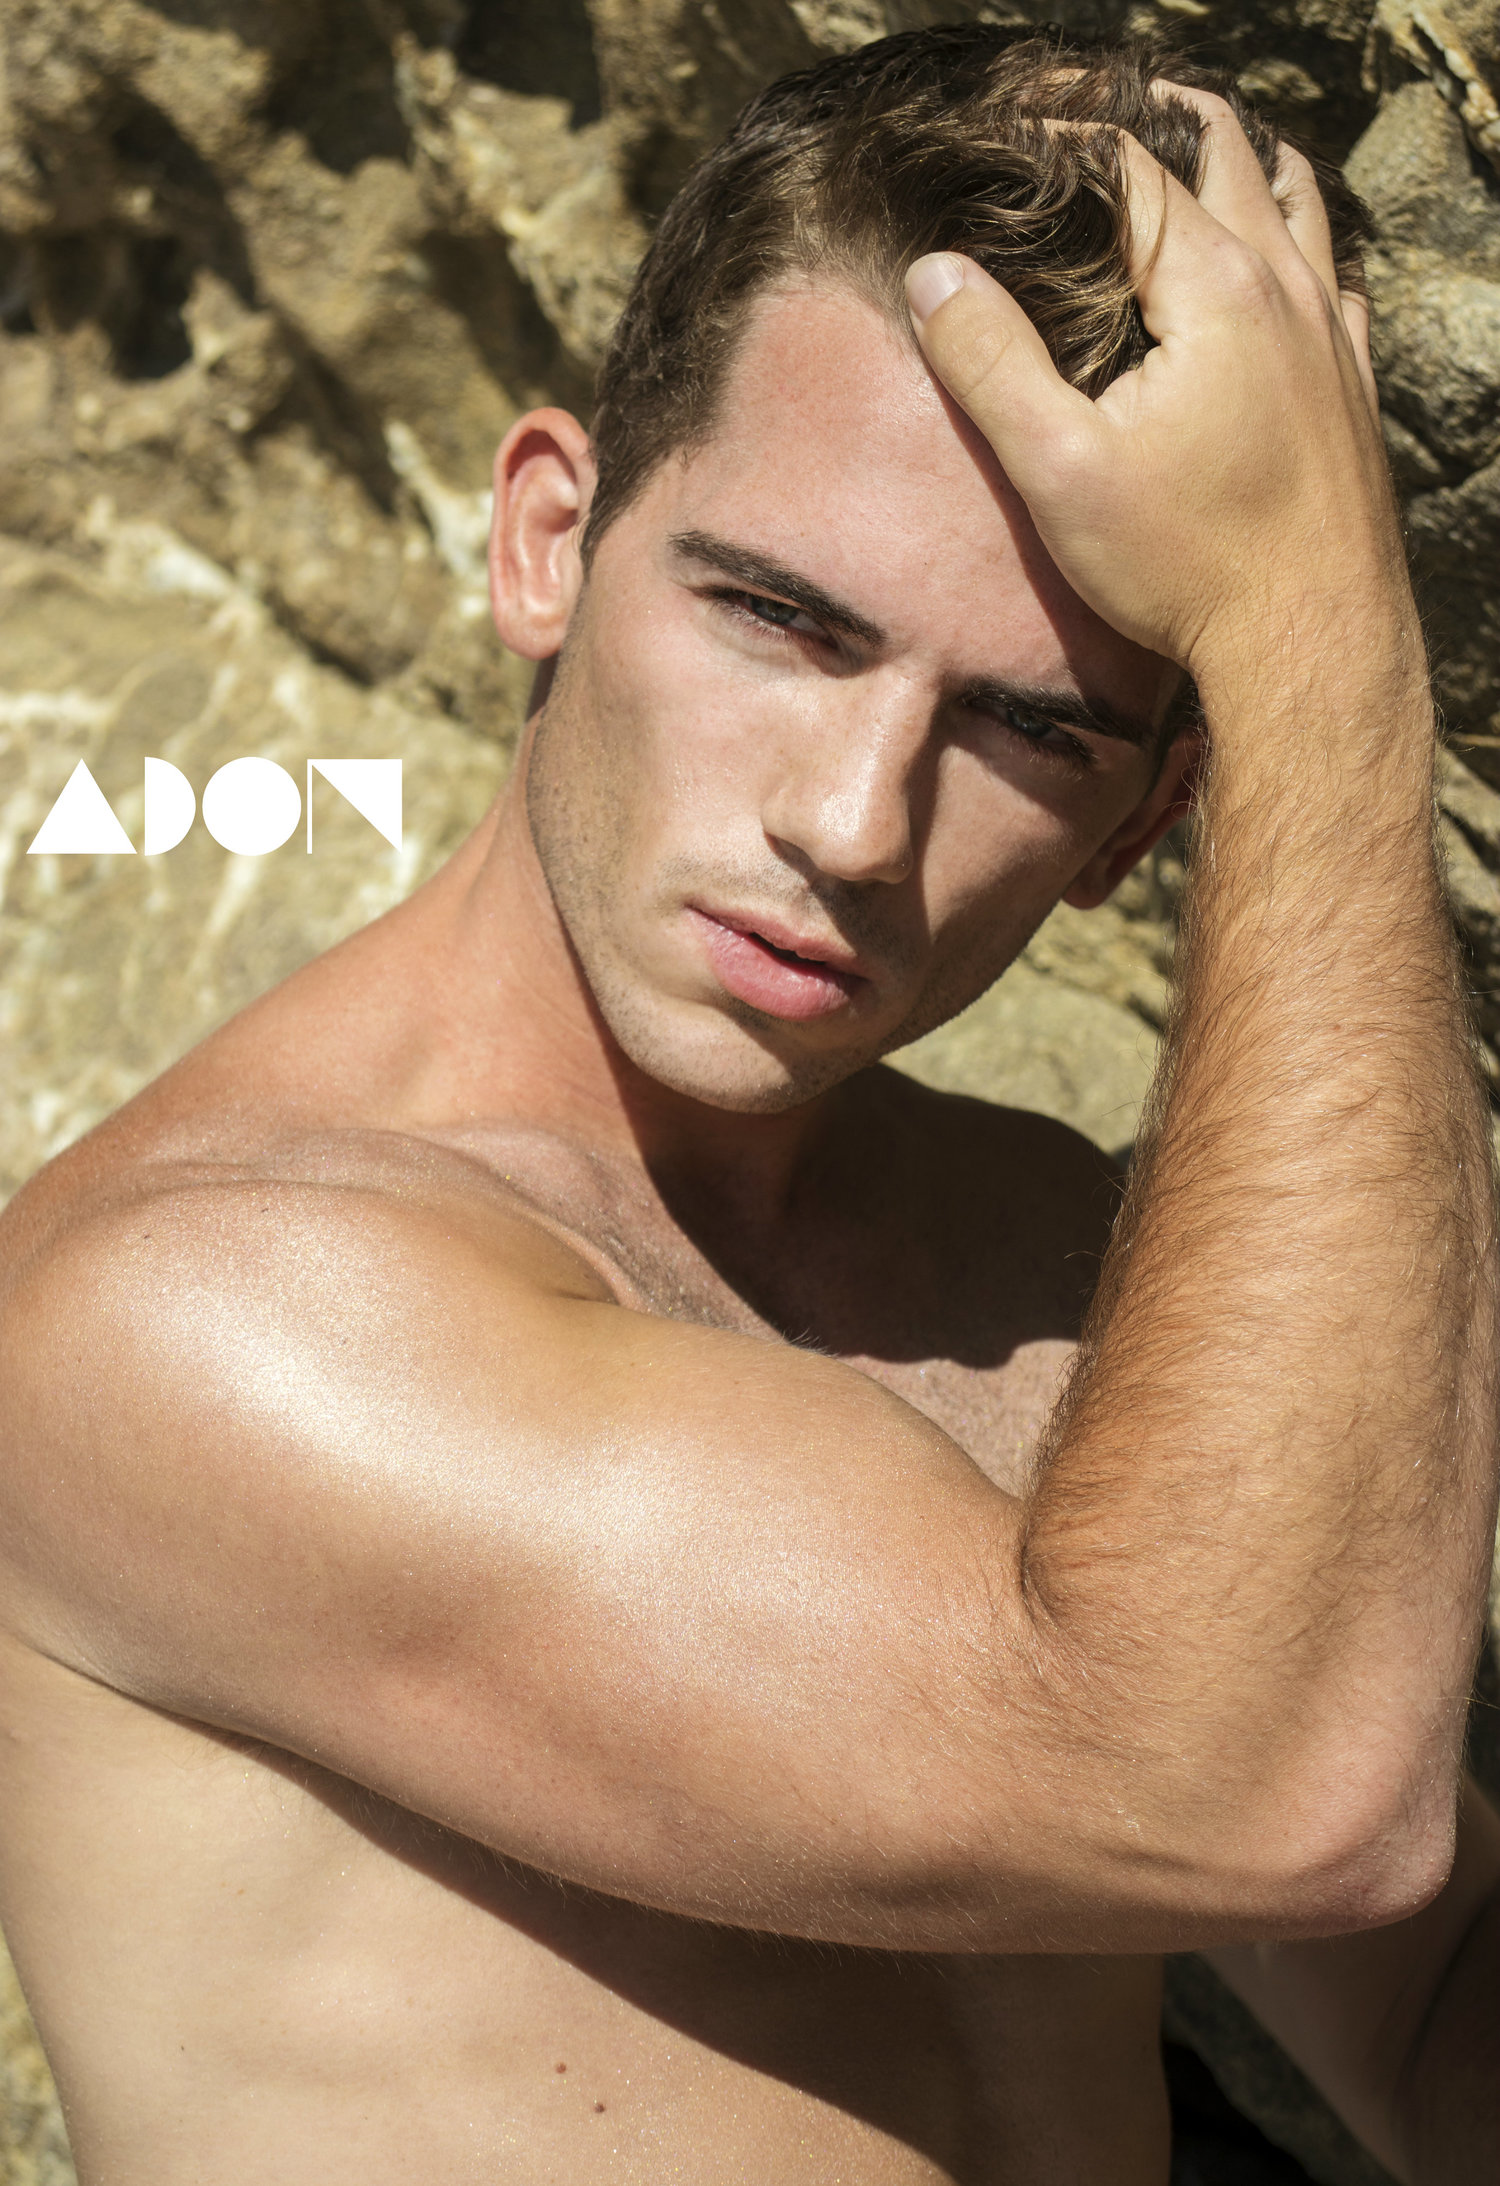 Adon Exclusive: Model Bryce McKinney By David Villalva